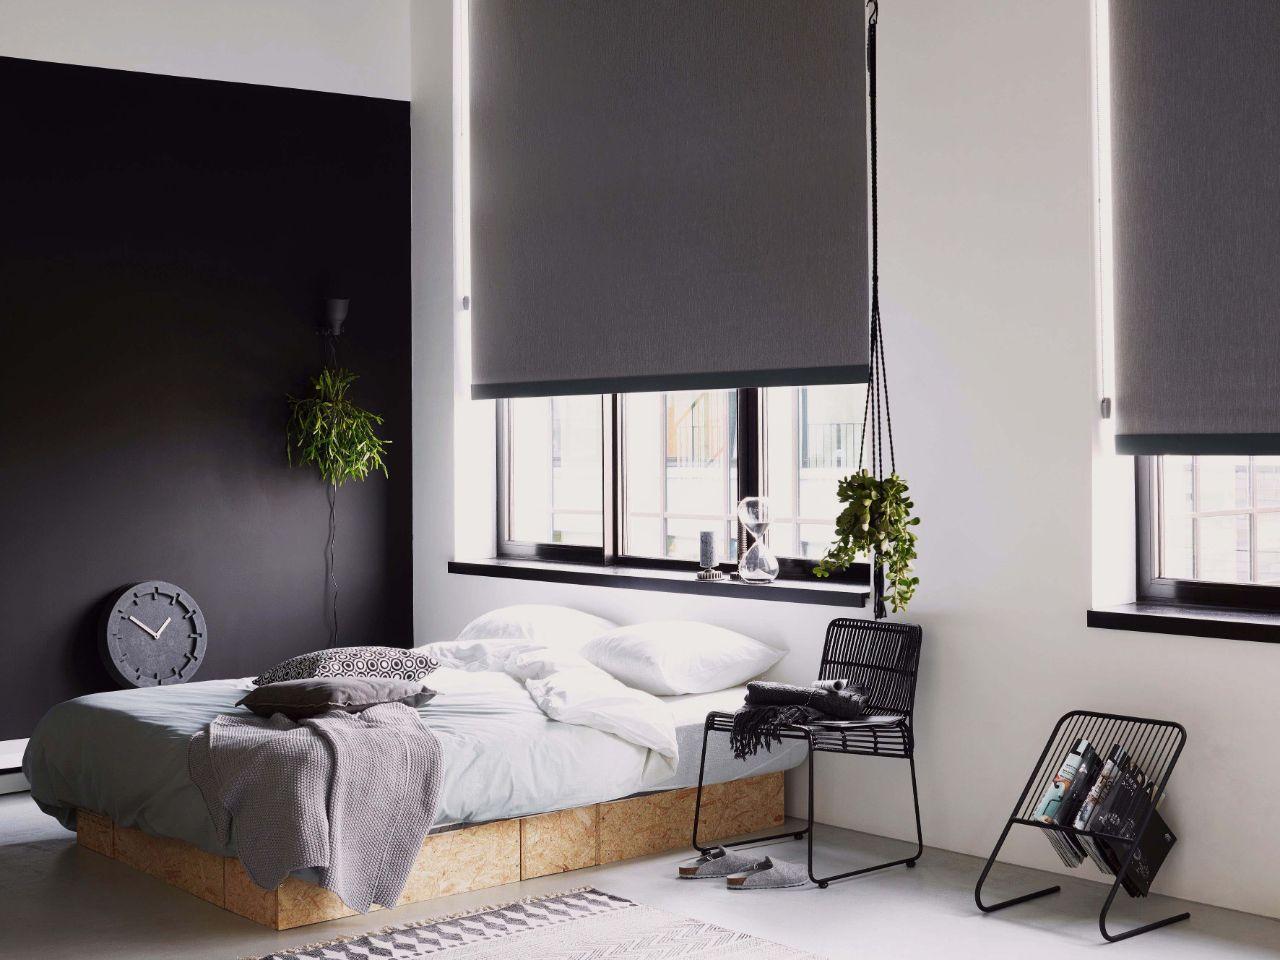 thiết kế nội thất phòng ngủ bắc âu đẹp